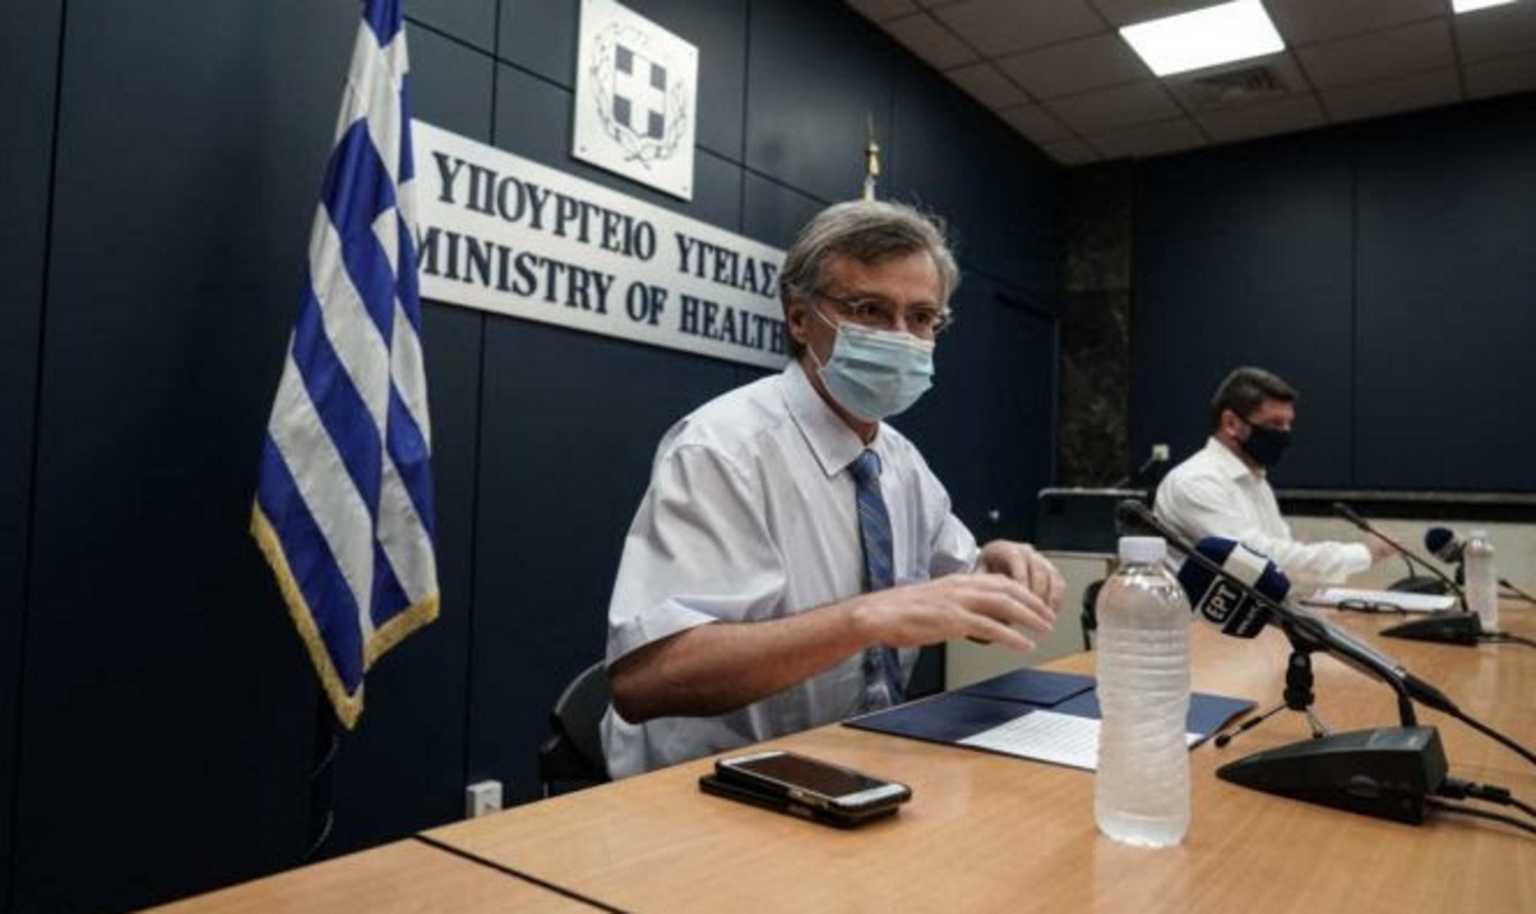 Τι απαντά η κυβέρνηση στις φήμες για τον Σωτήρη Τσιόδρα